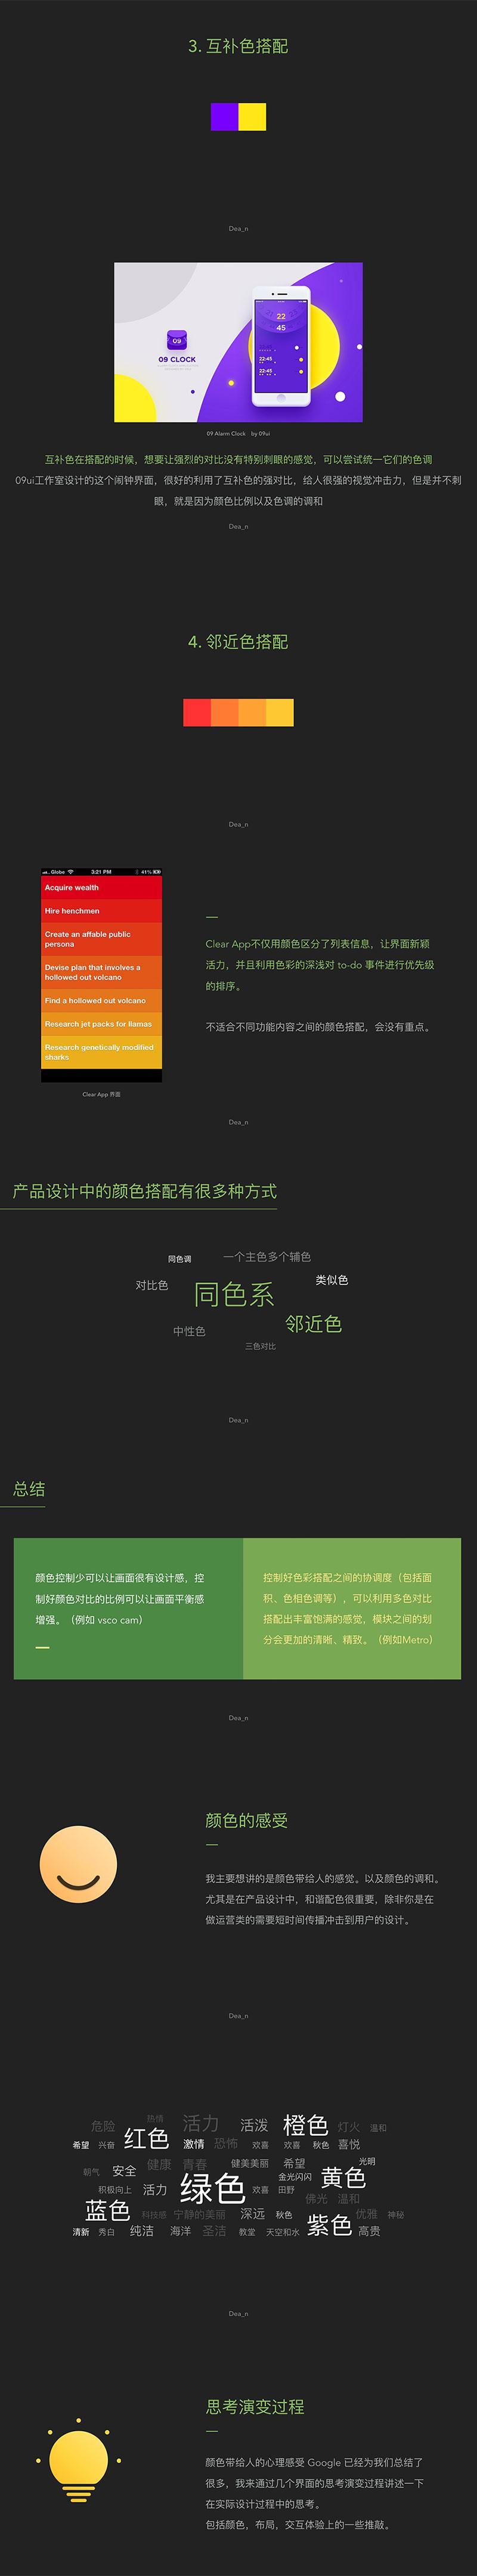 手机UI界面设计当中的颜色选择技巧2